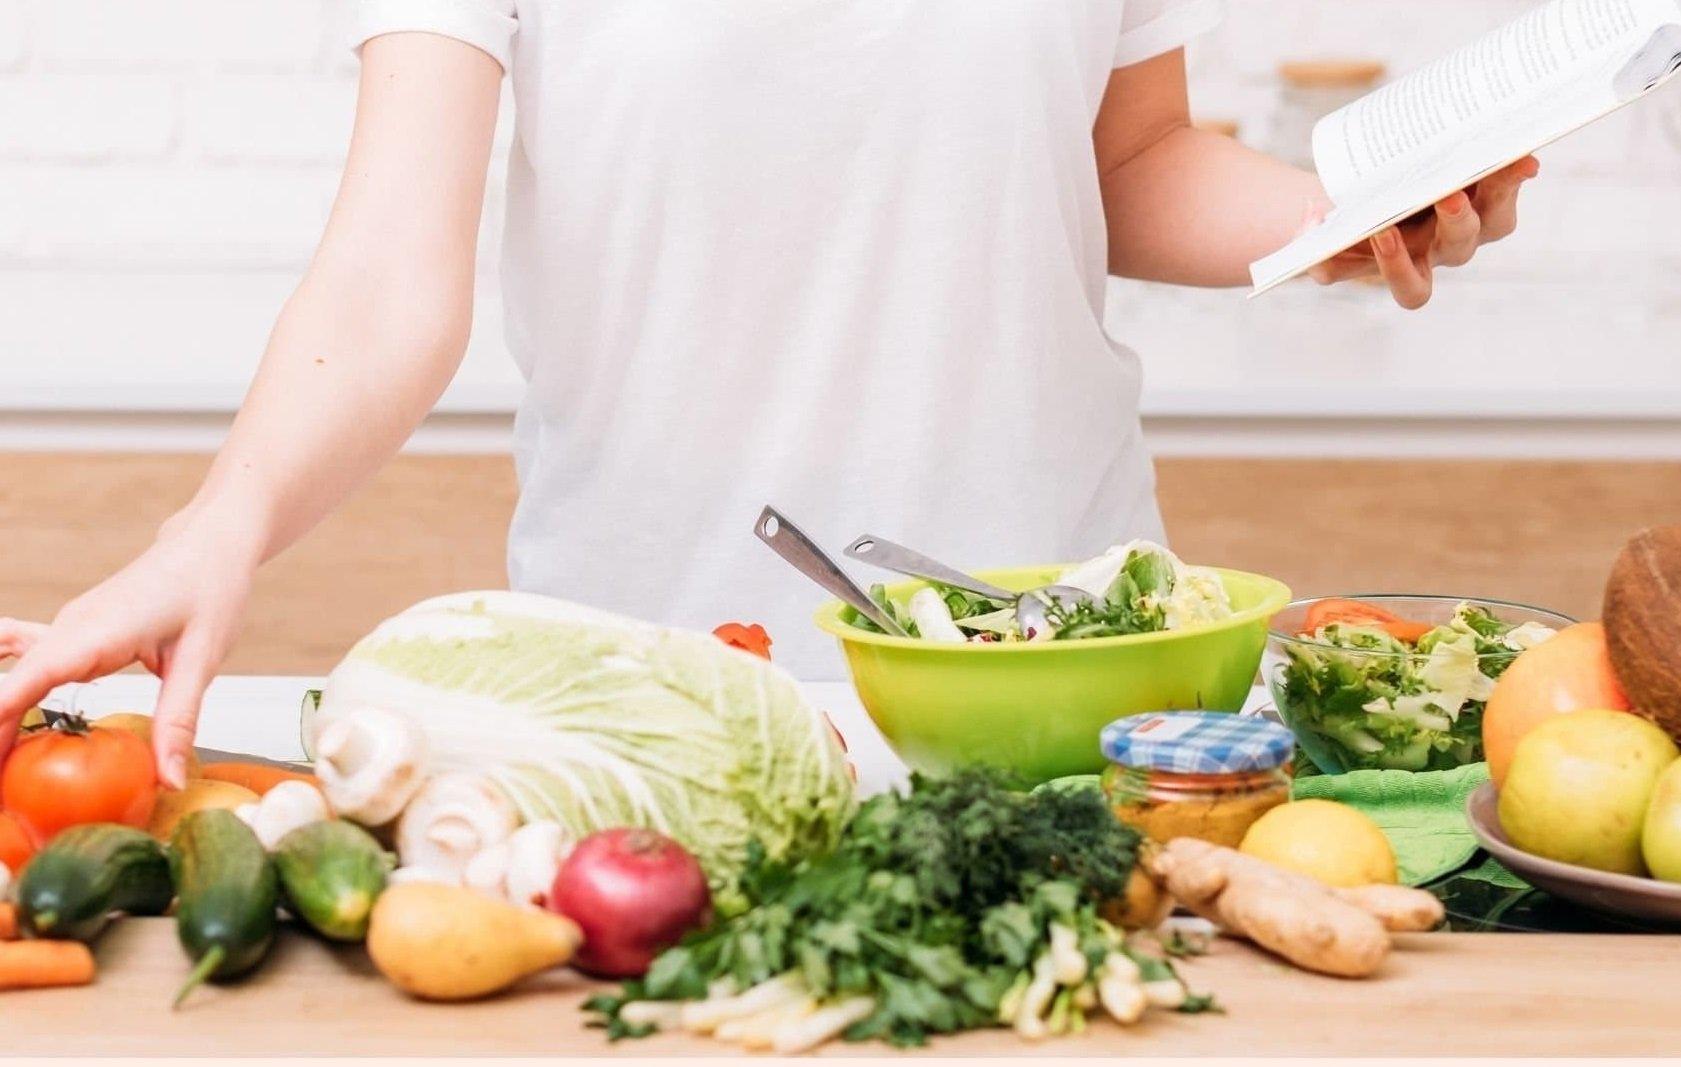 Названо чотири продукти, які псують зовнішність і прискорюють процеси старіння